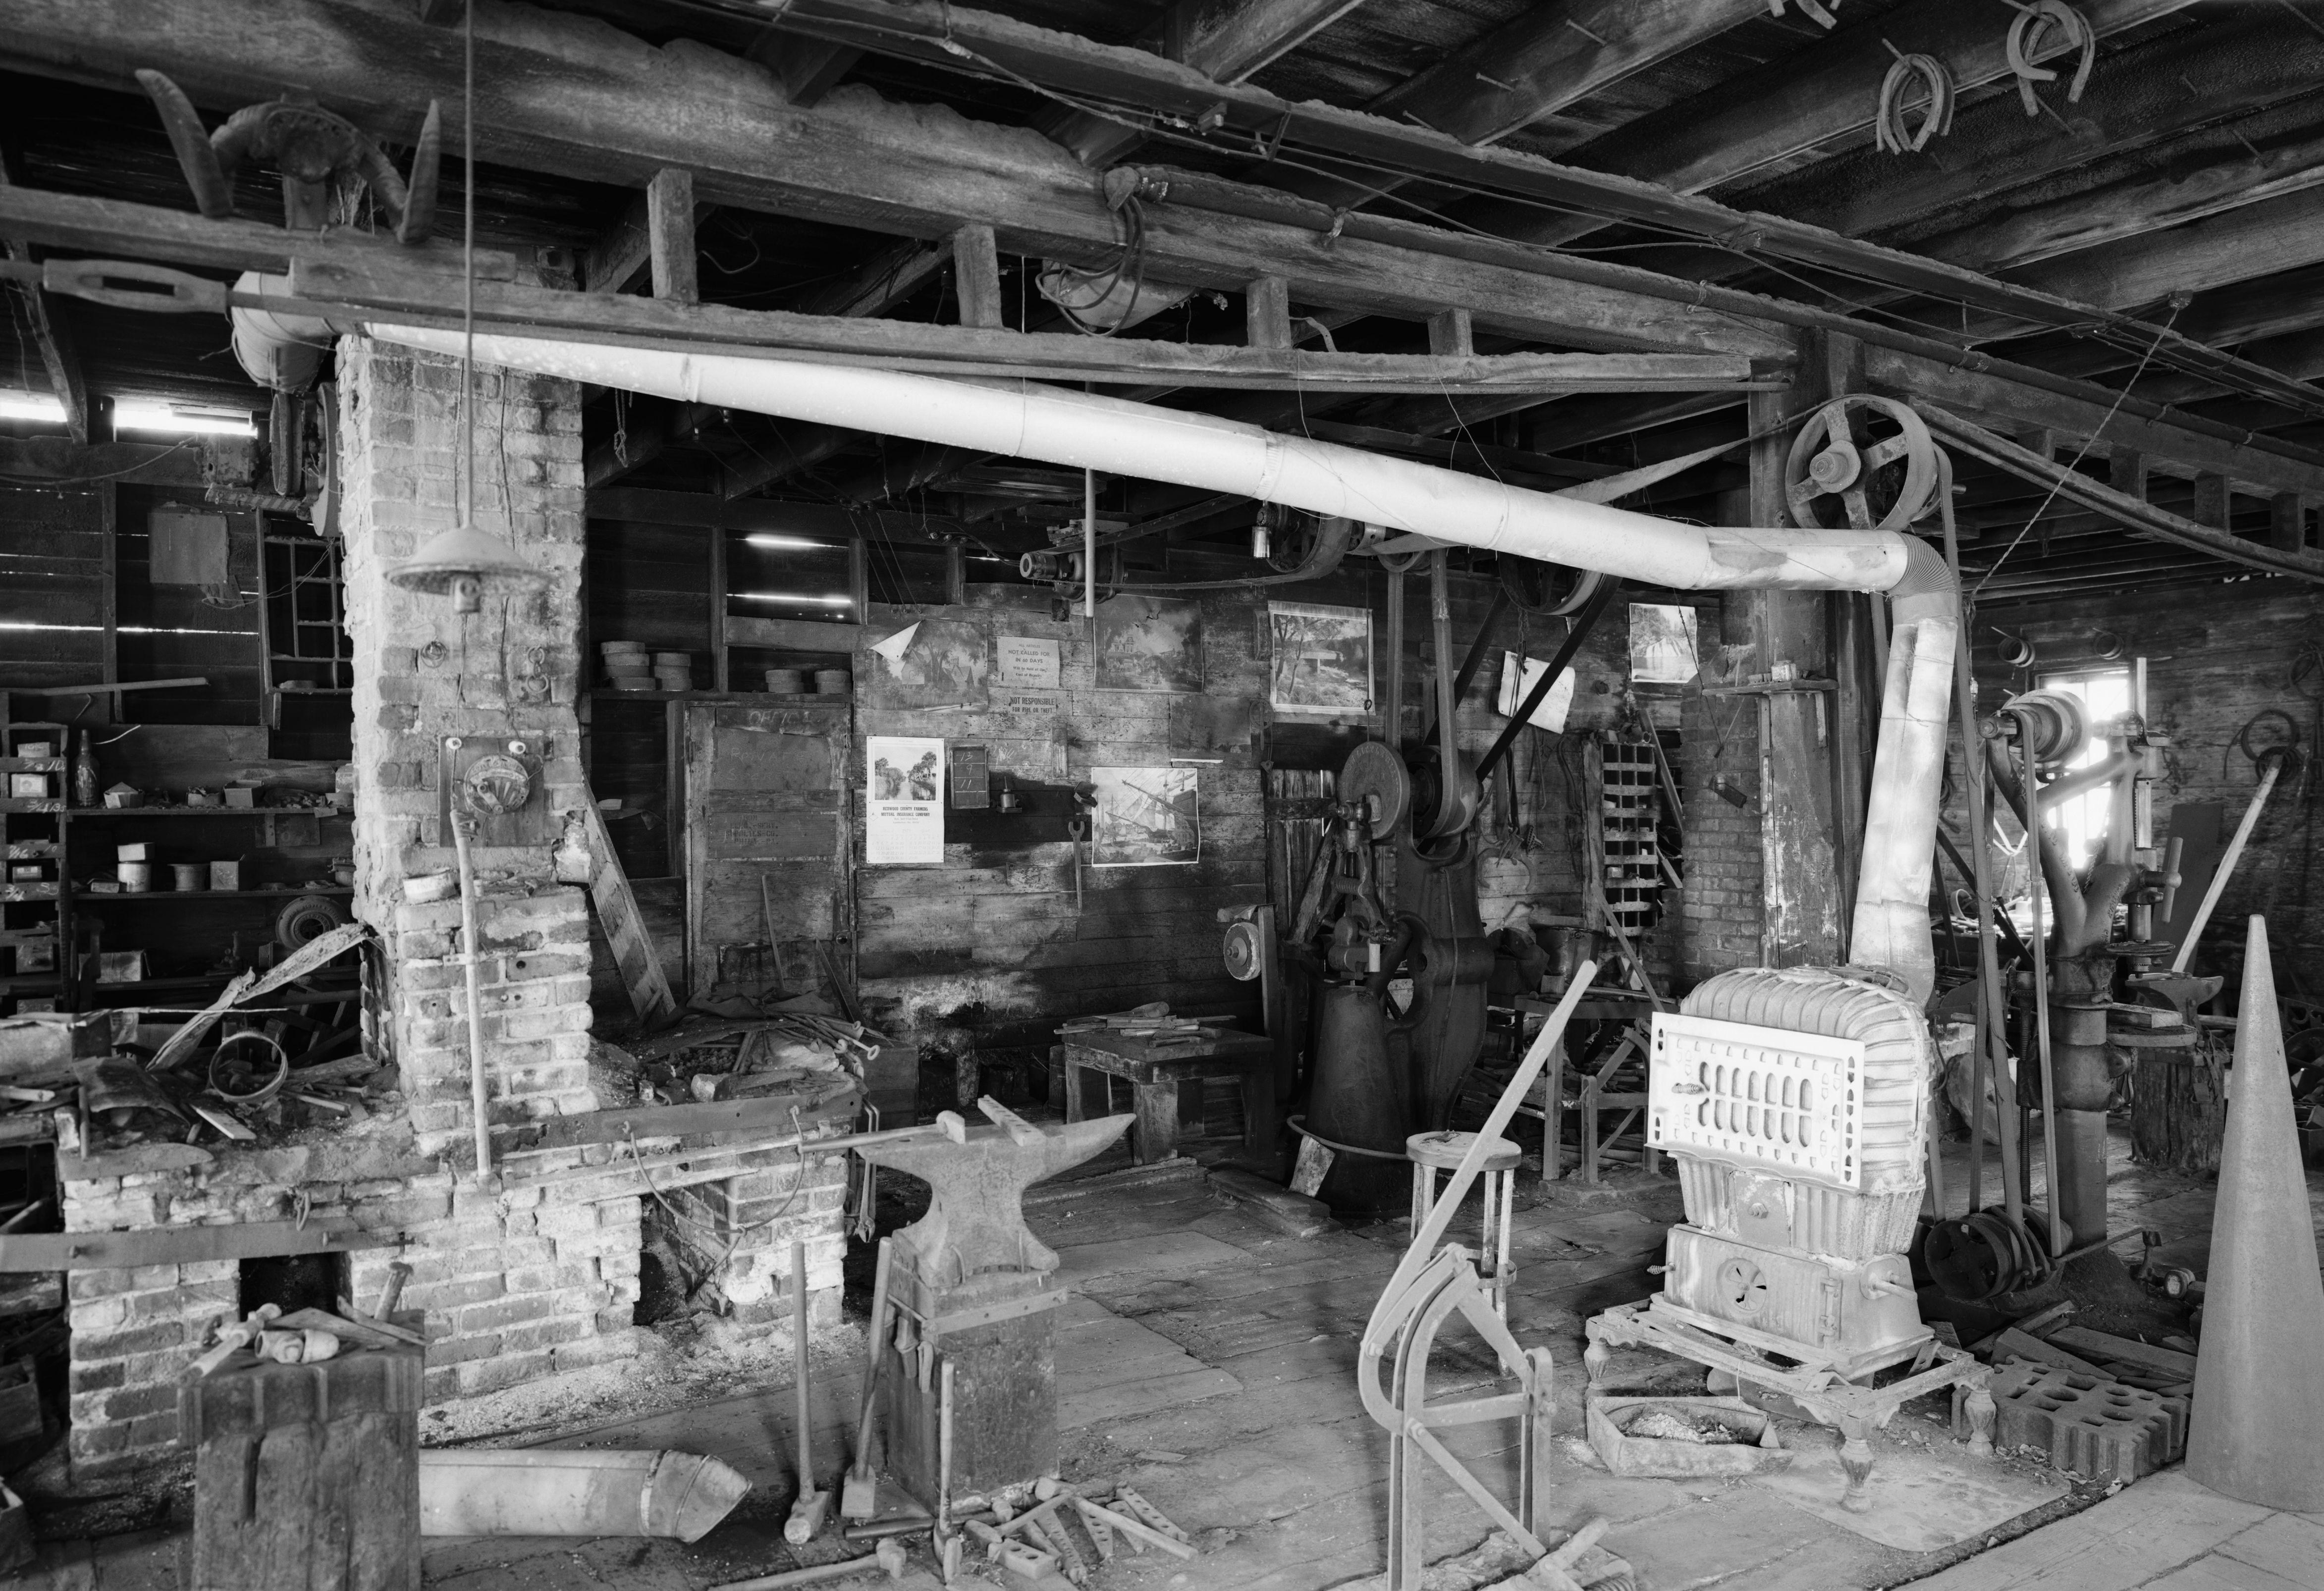 Lamberton Area Historical Society S Hanzlik Blacksmith Shop